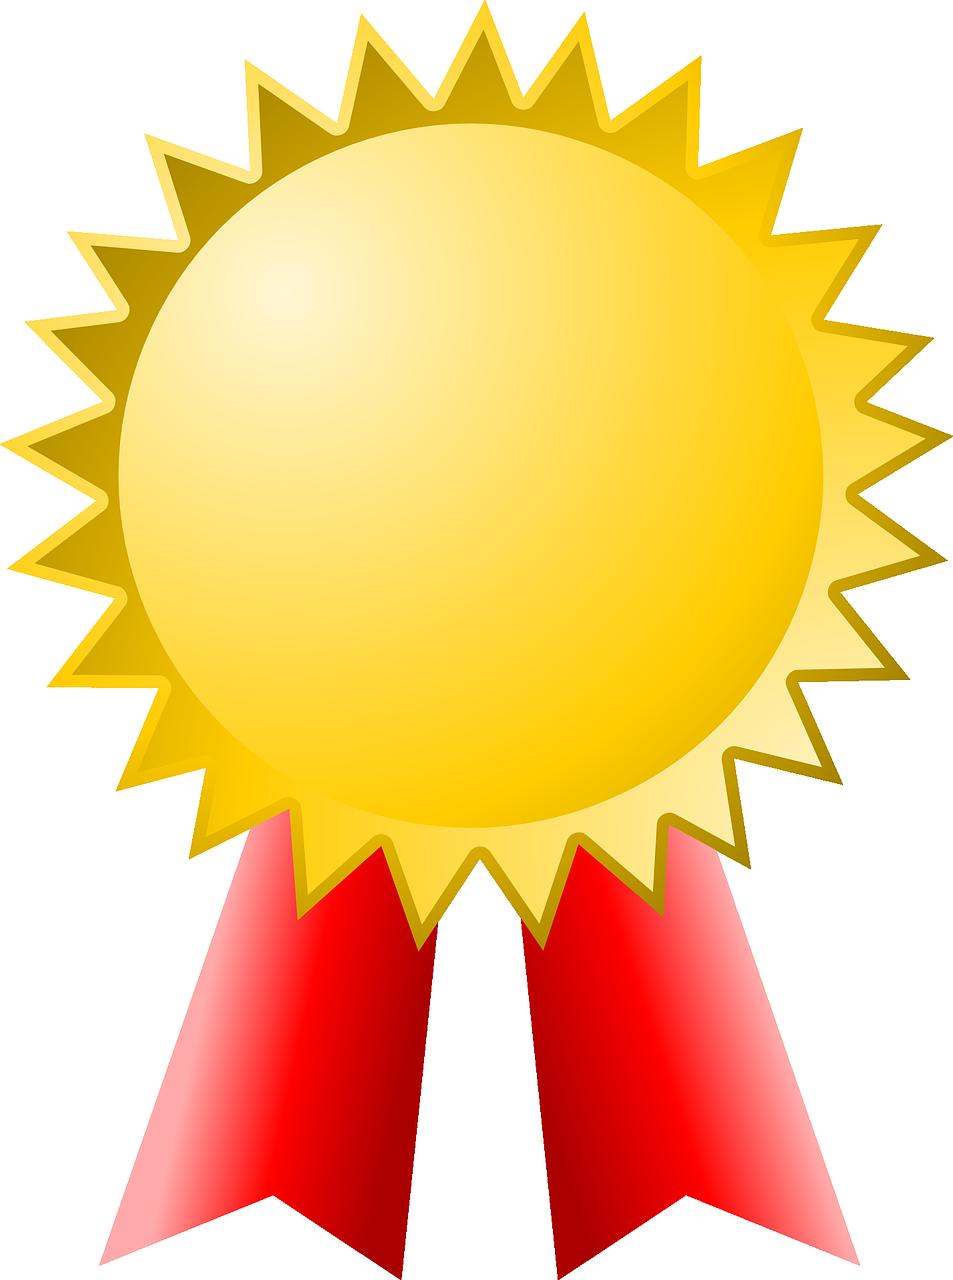 award medals sign symbols - HD953×1280